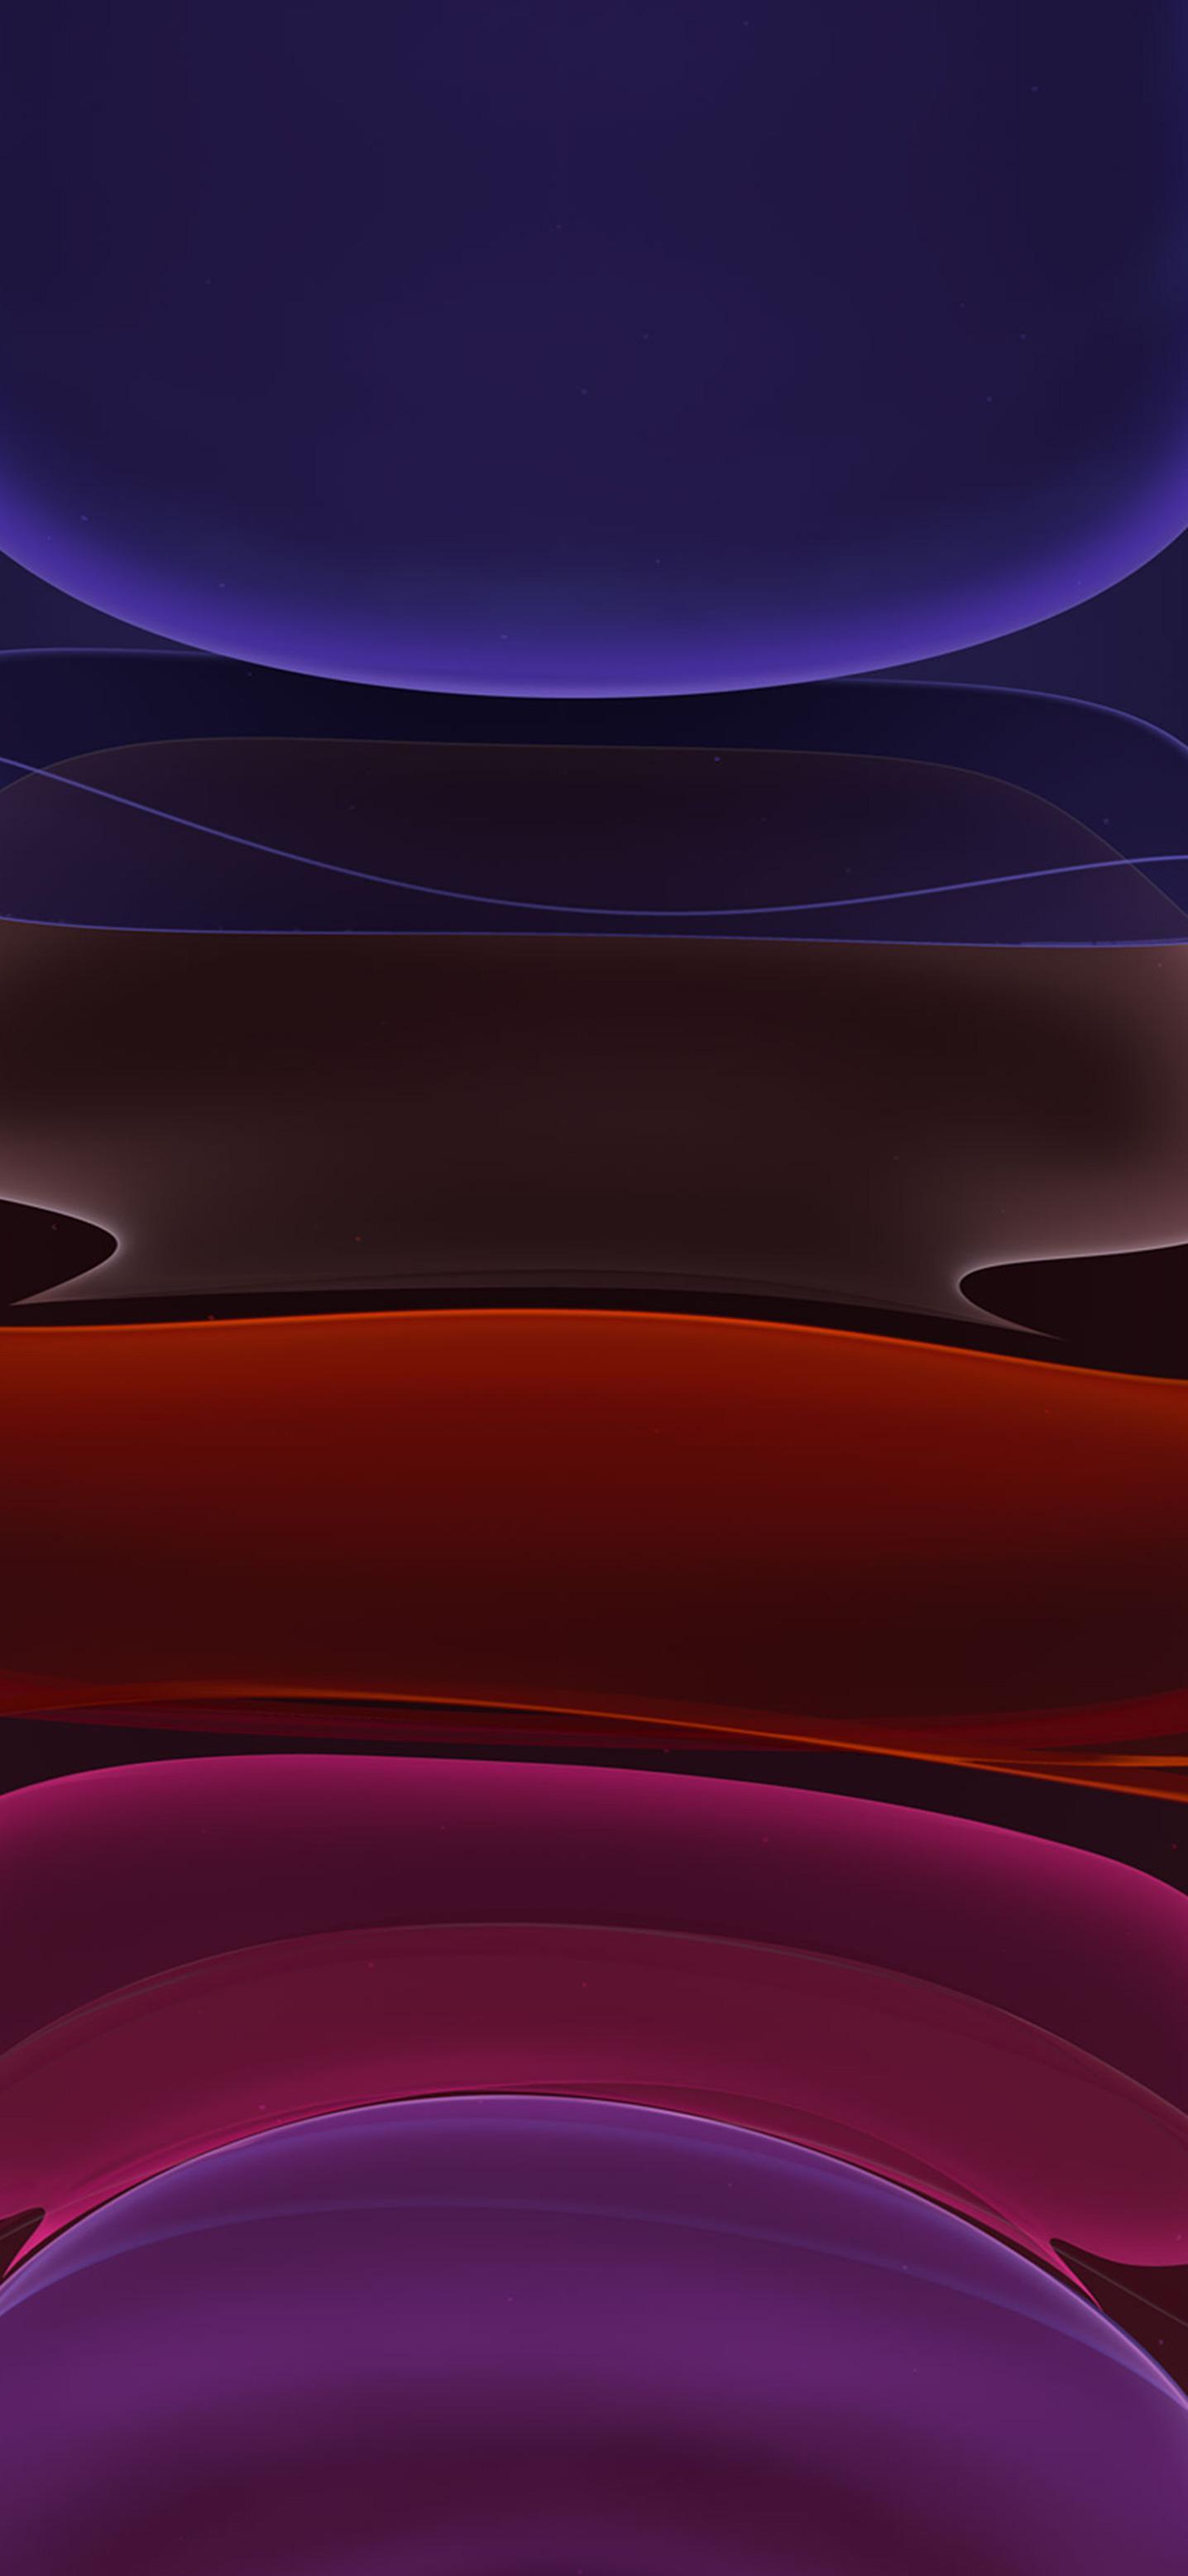 عکس زمینه آیفون 11 اصلی تیره سرخ آبی پس زمینه